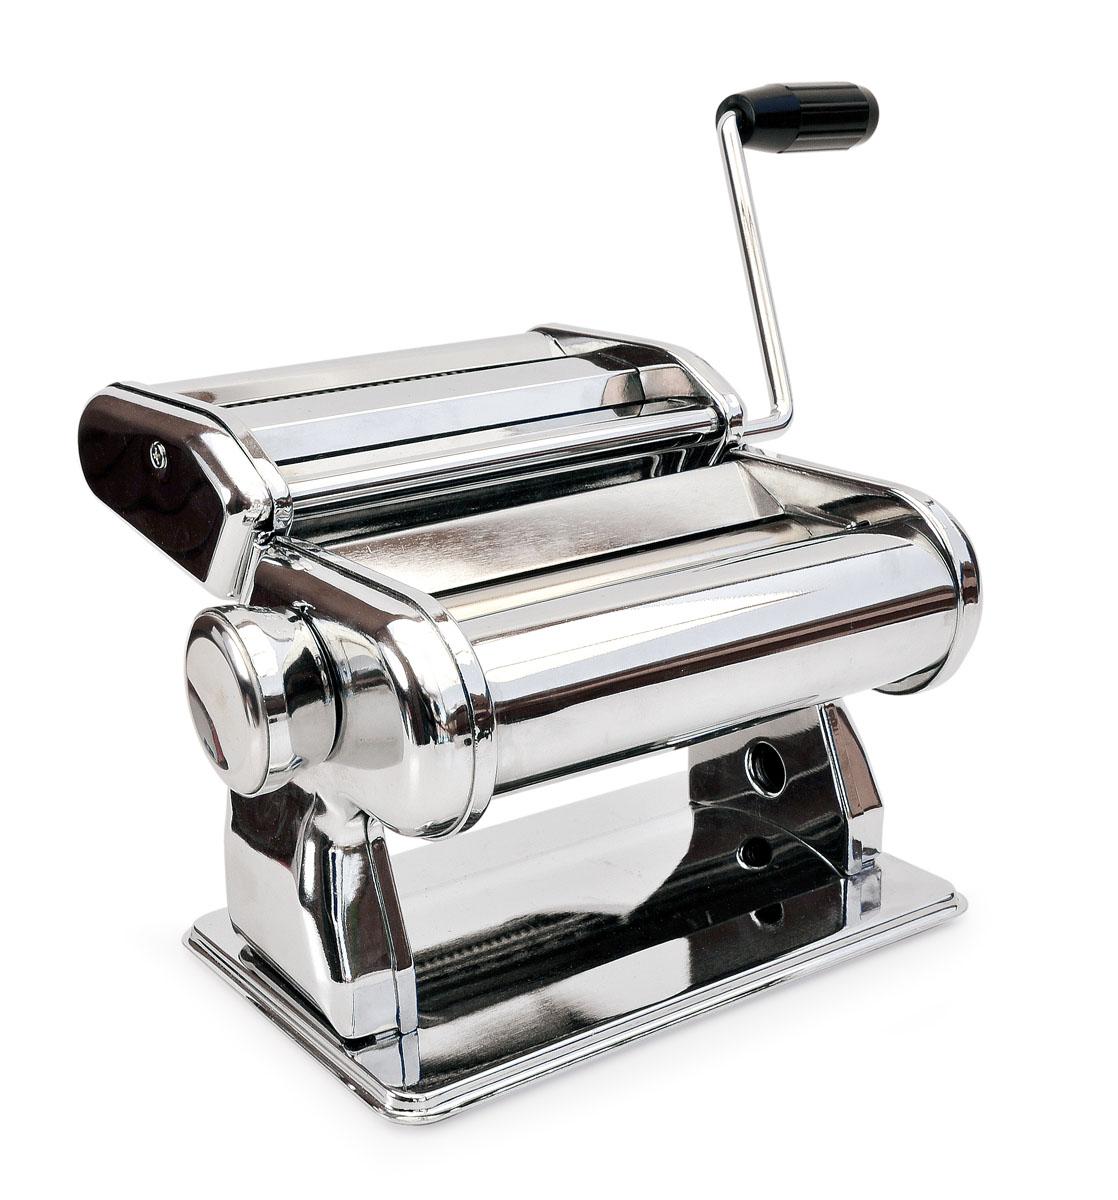 Машинка для приготовления лапши (ручная) PASTA MAKER115510Многофункциональная машинка «Pasta Maker» от IRIS (Испания) предназначена для раскатывания теста и приготовления домашней лапши и спагетти. Она станет для вас незаменимой помощницей на кухне и превратит занятие домашней кулинарией в настоящий праздник! С помощью «Pasta Maker» Вы сможете быстро и без труда приготовить множество первых и вторых блюд и даже разнообразную домашнюю выпечку (супы и лагманы, пельмени и манты, тонкие рисовые блинчики для «Утки по-Пекински», лазанью, торты «Наполеон» или «Птичье молоко», домашние пирожки, «хворост» и многое-многое другое).«Pasta Maker» позволит сохранить семейный бюджет, ведь готовить дома популярные повседневные блюда намного дешевле, чем покупать аналогичные полуфабрикаты в магазине. А самое главное, что благодаря «Pasta Maker» ваше питание станет намного качественнее, что благотворно скажется на здоровье!С помощью «Pasta Maker» можно раскатать тесто толщиной от 0,5 до 3,5 мм. Толщина регулируется поворотом специальной ручки в одно из 8 положений. Машинка также подходит для раскатывания готового теста, которое продается в магазинах в замороженном или свежем виде. Что может особенно понравиться кулинарам – при помощи «Pasta Maker» можно очень тонко раскатать слоеное тесто!«Pasta Maker» может использоваться дома или в местах общественного питания. Машинка очень проста в использовании и подойдет как профессиональным и опытным поварам, так и новичкам. «Pasta Maker» сделана из высококачественной нержавеющей стали. В комплект входят вальцы для раскатывания теста, насадка для нарезания лапши и спагетти, рукоятка, струбцина для крепления на столе и инструкция.Вес с упаковкой: 2,9 кгРазмеры упаковки: 21 х 17 х 14 смВес без упаковки: 2,7 кгРазмеры в собранном виде: 19,5 х 19,5 х 15,5 см Ширина прокатного листа теста: 2,2 мм.Длина прокатного вала: 14,5 см.Материал валов: нержавеющая сталь.